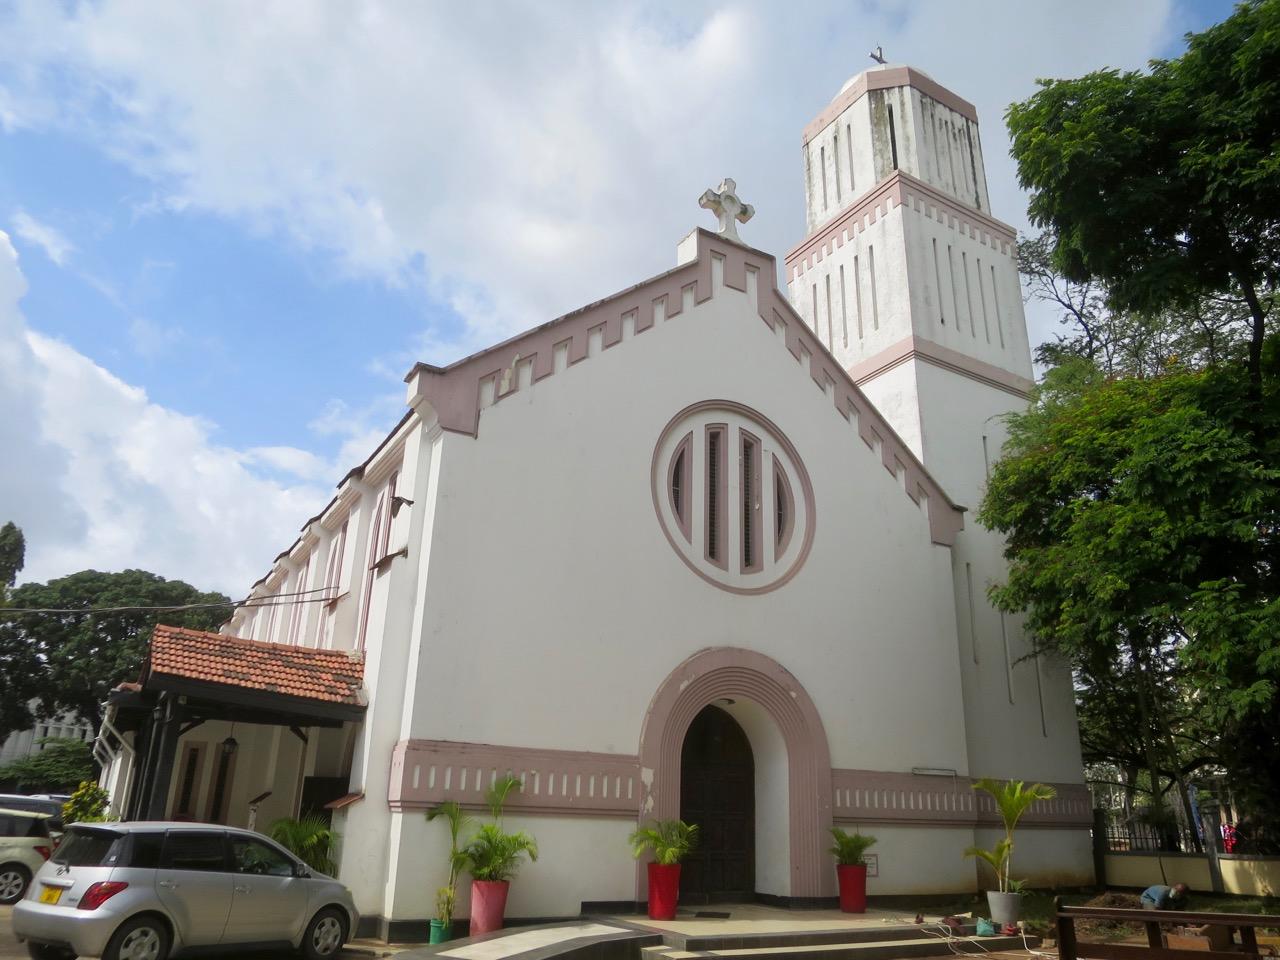 Dar es Salaam 1 32